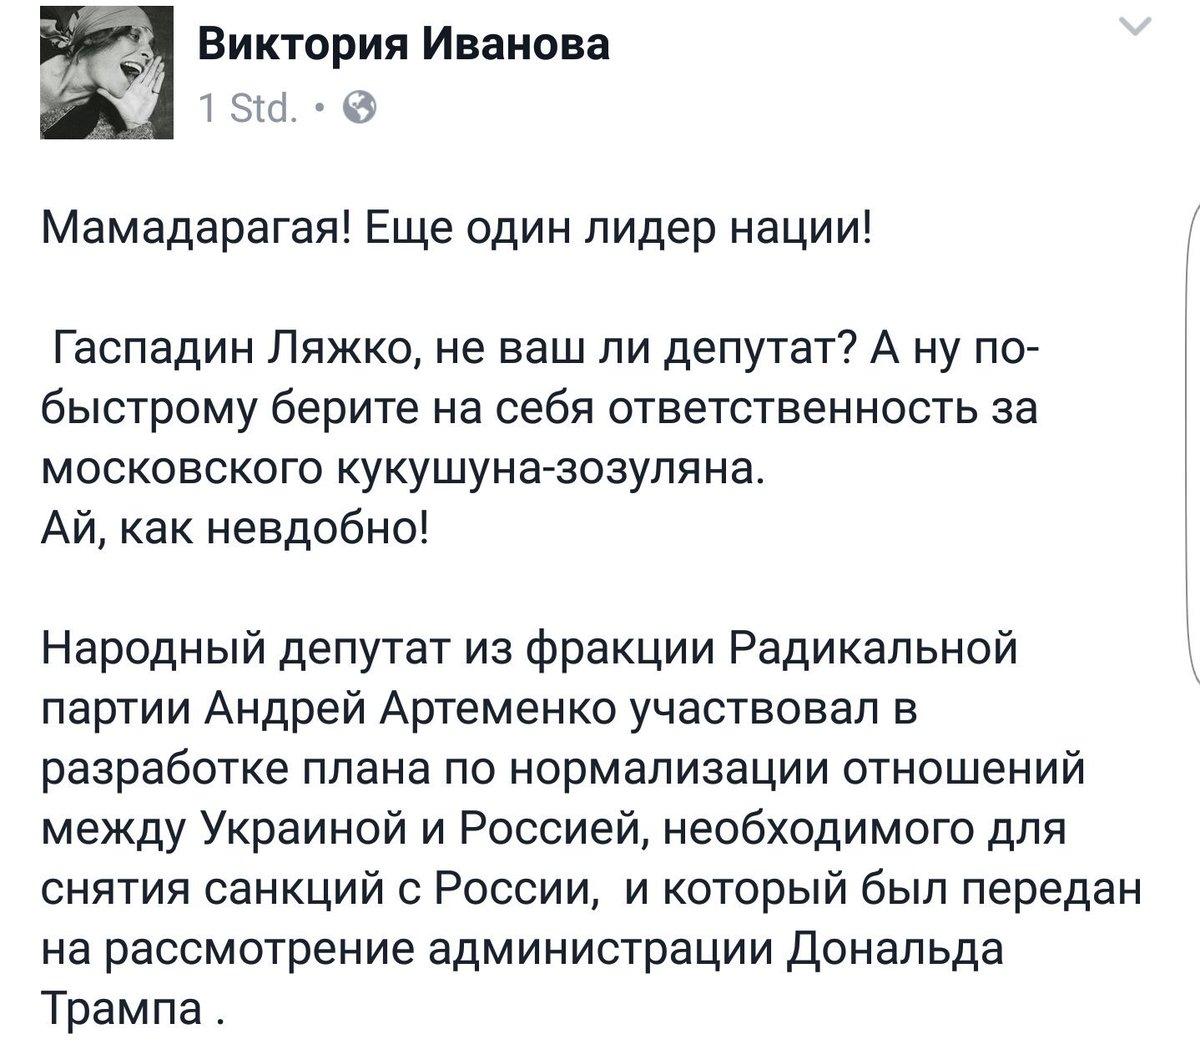 """""""Три года тому назад Украина получила сто причин стать независимой, прозрачной и объединенной ради борьбы с коррупцией"""", - Посол США Йованович - Цензор.НЕТ 8362"""